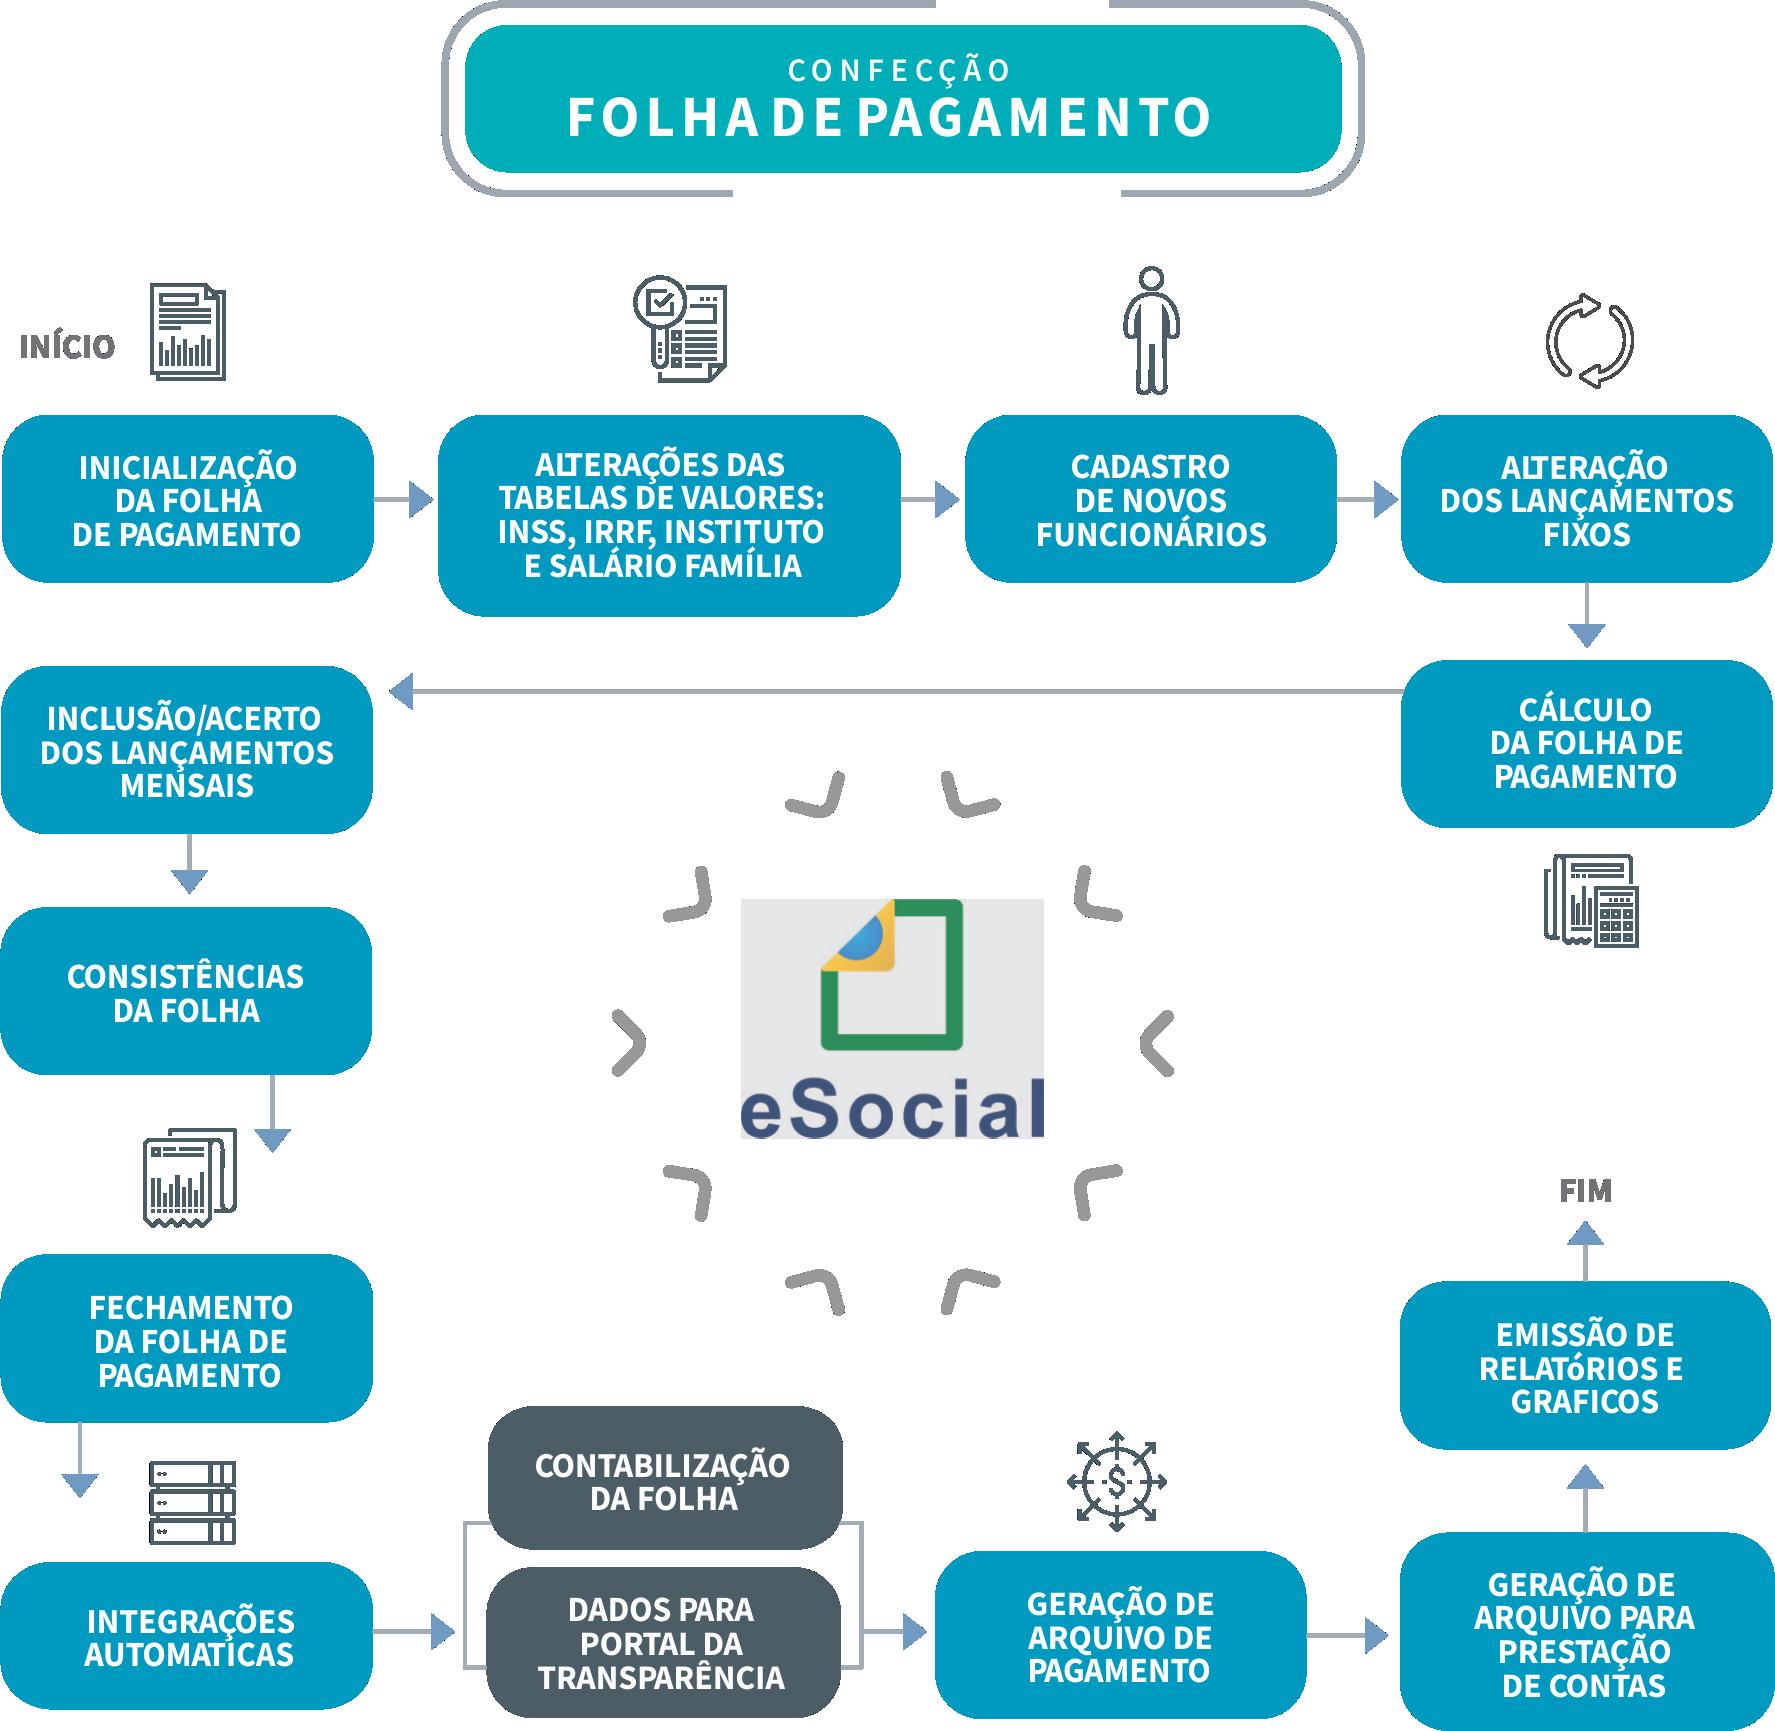 FOLHA DE PAGAMENTO 2